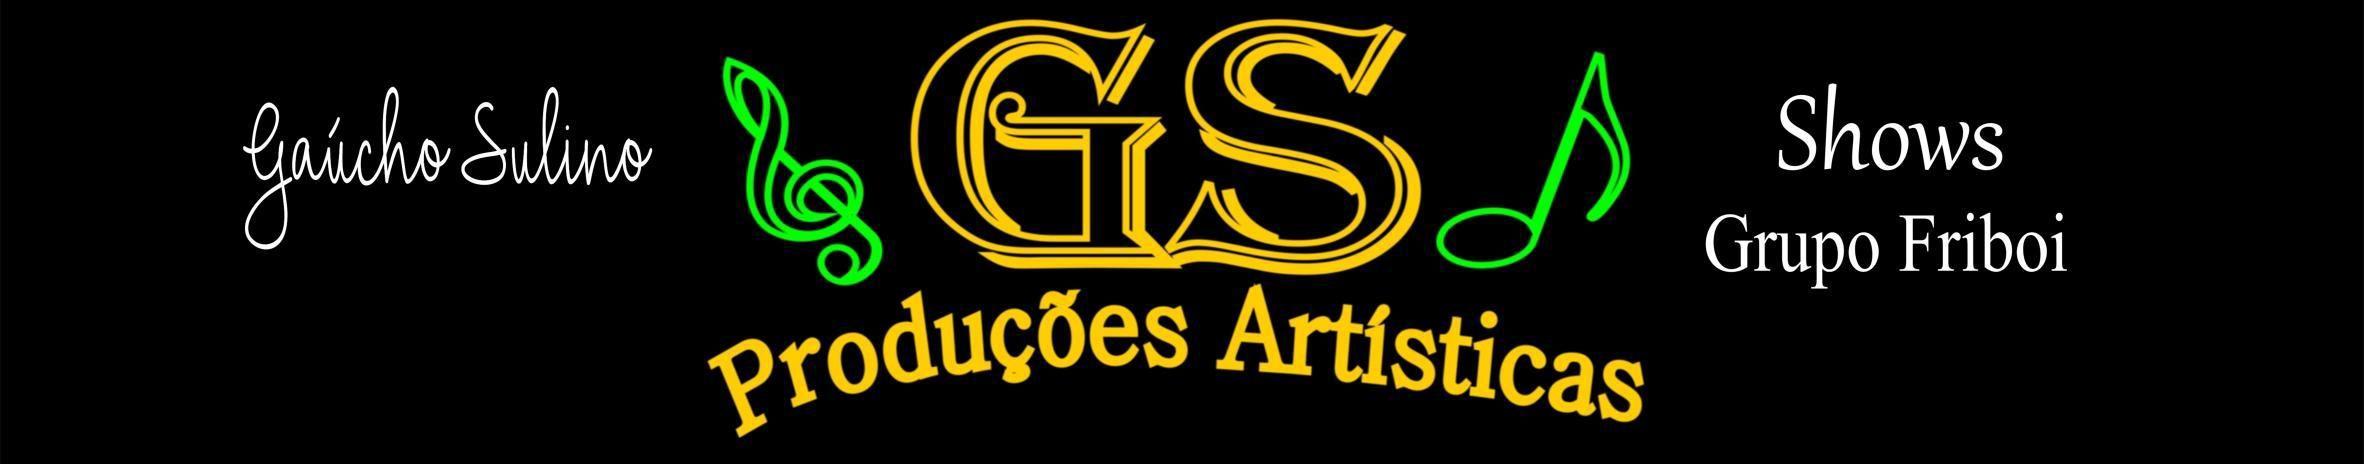 Imagem de capa de Gaucho Sulino